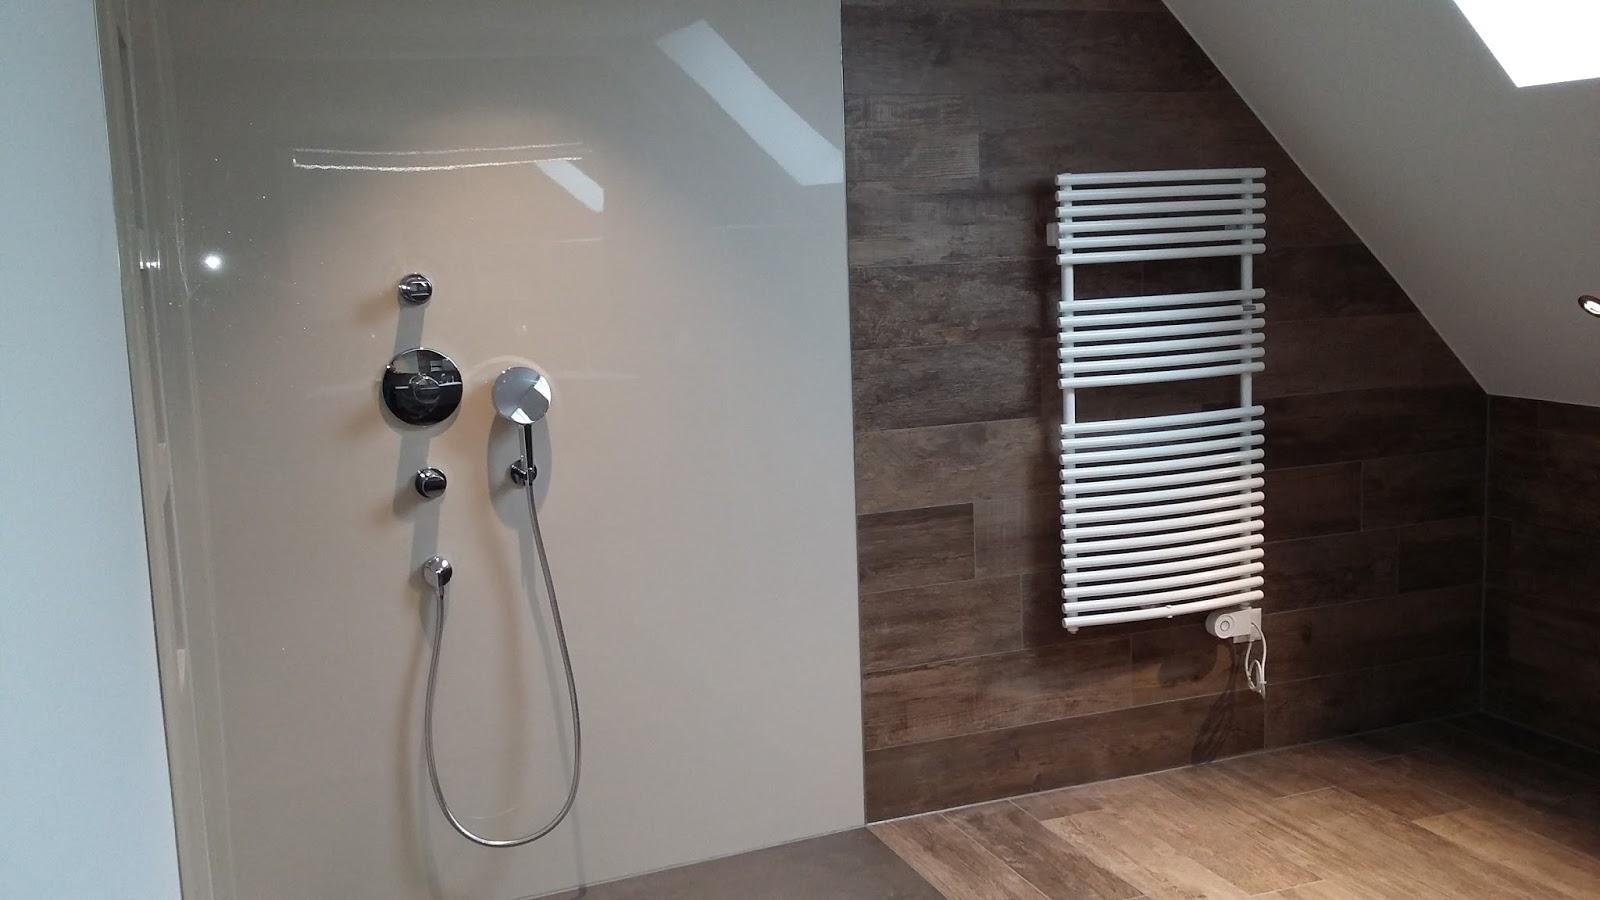 projekt gemeindewandern schweiz: neues badezimmer